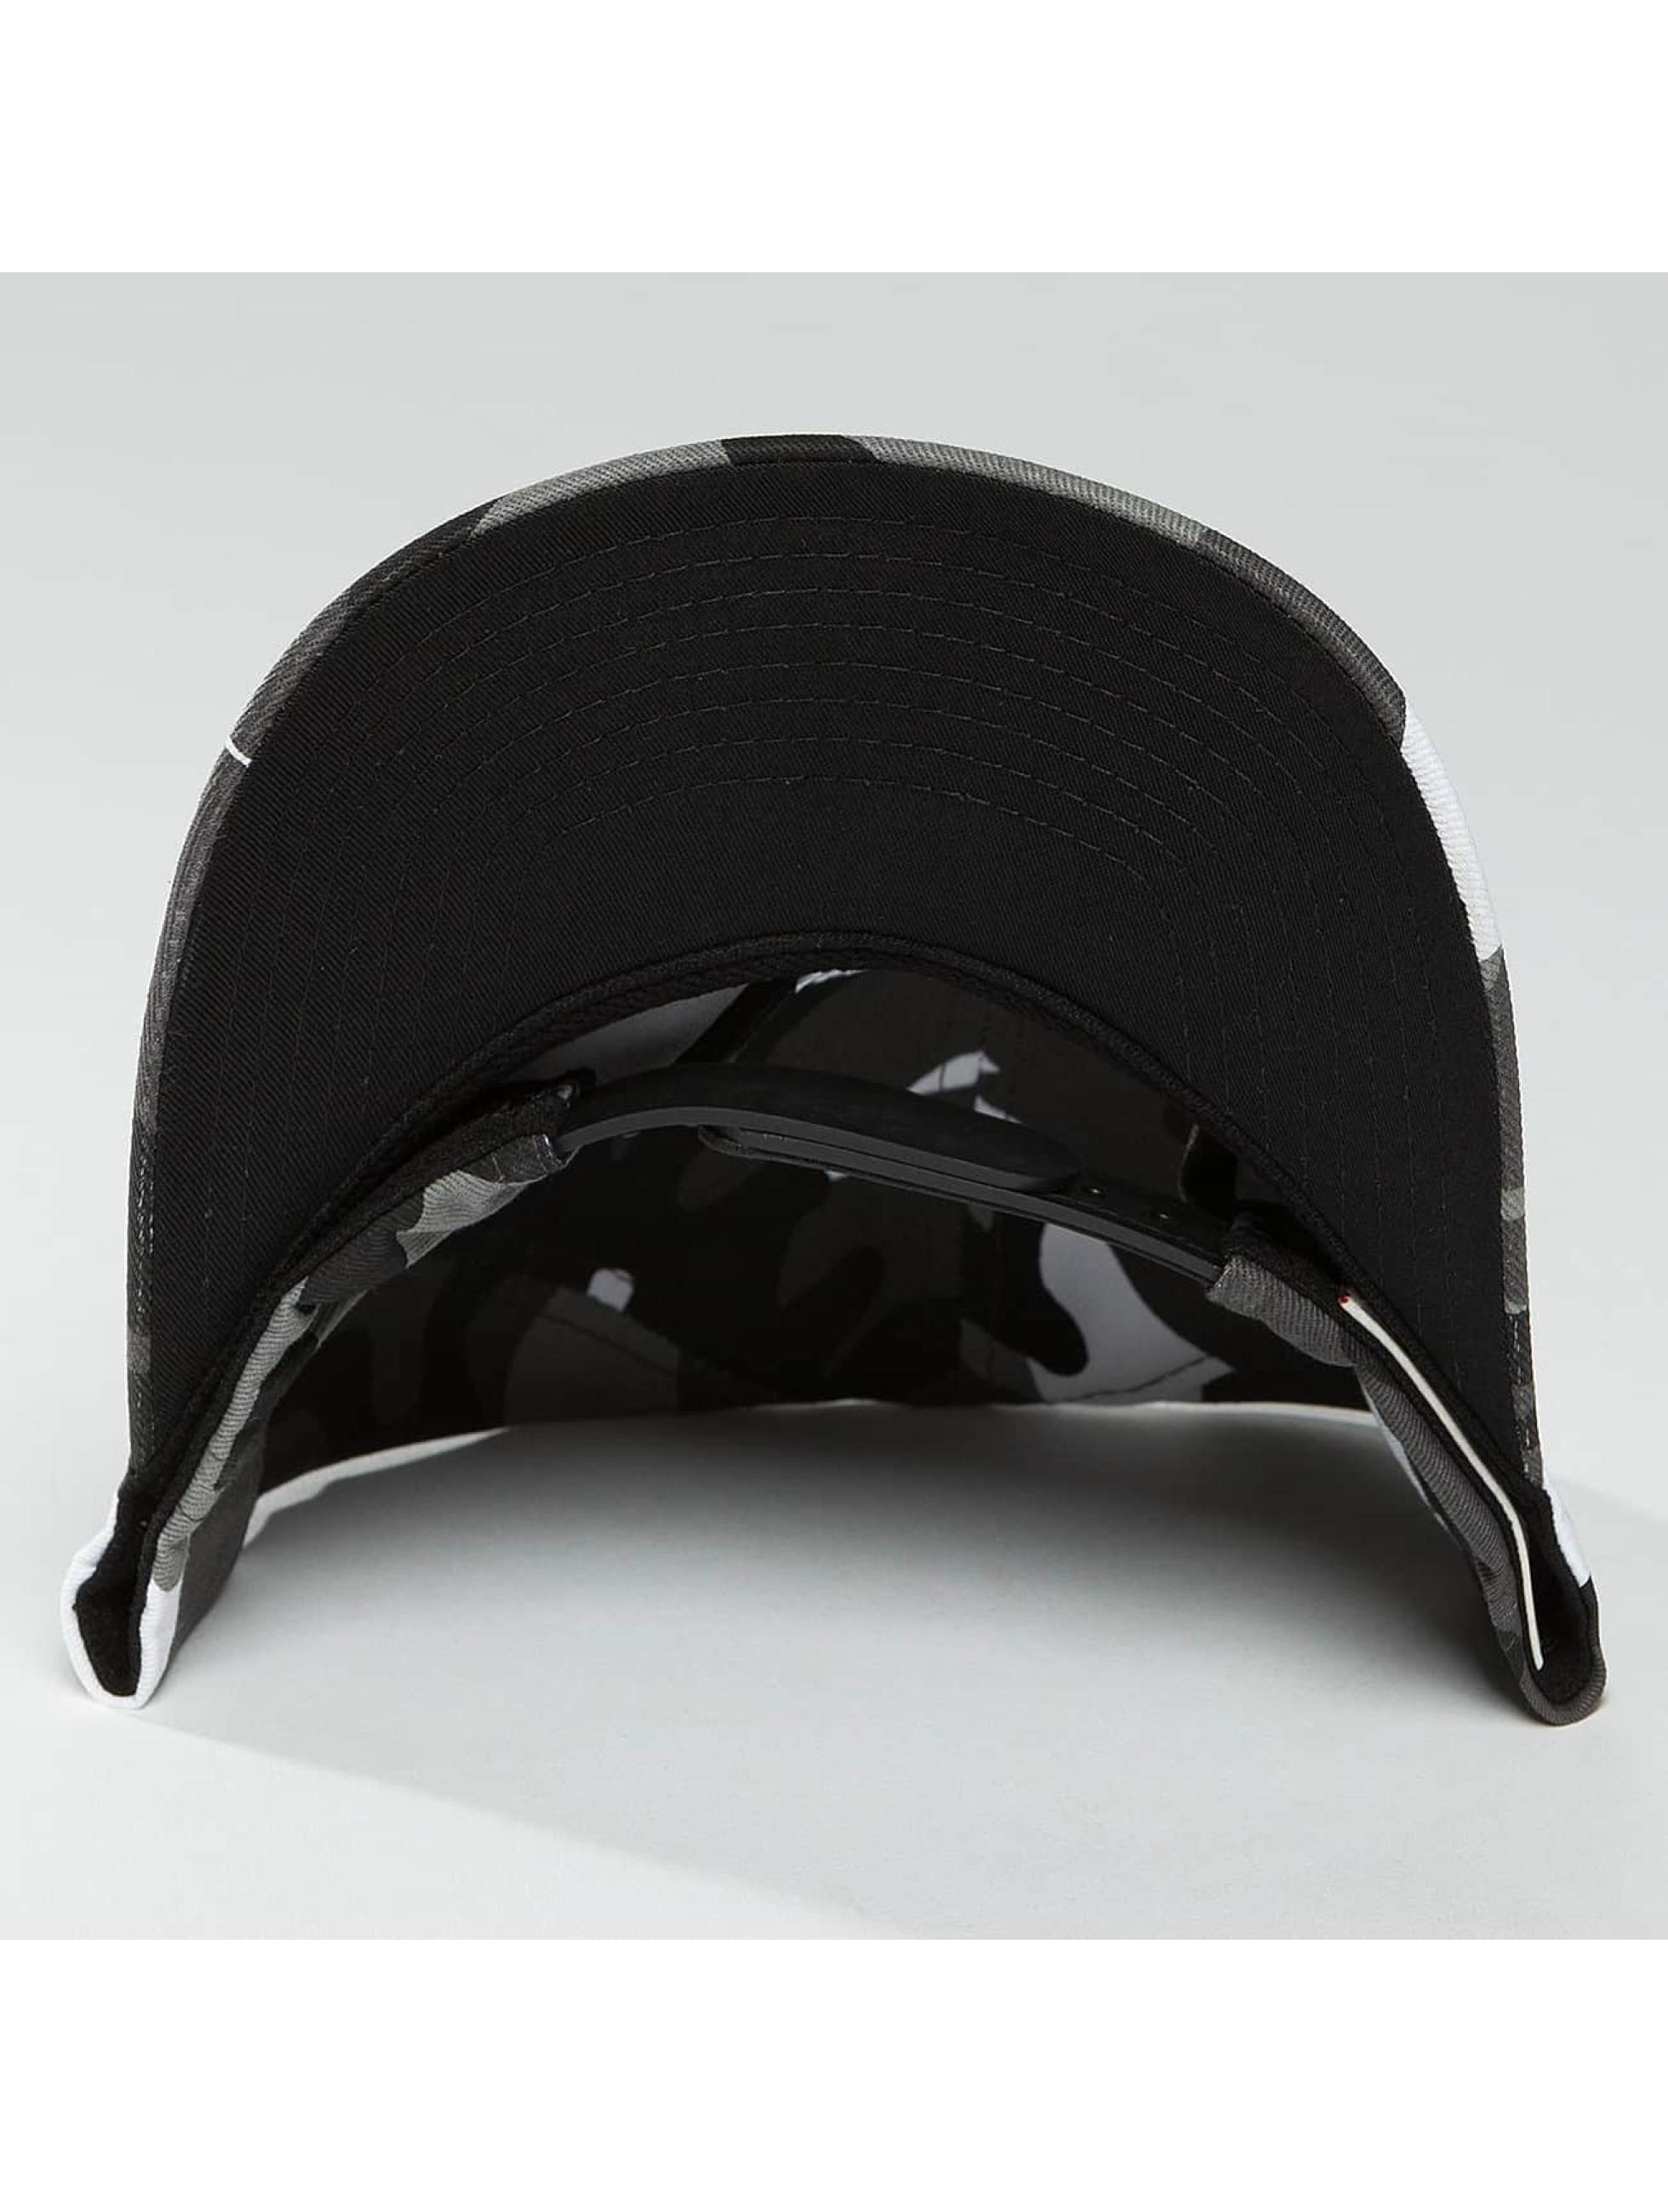 Mitchell & Ness Snapback Caps 110 The Camo & Suede kamuflasje